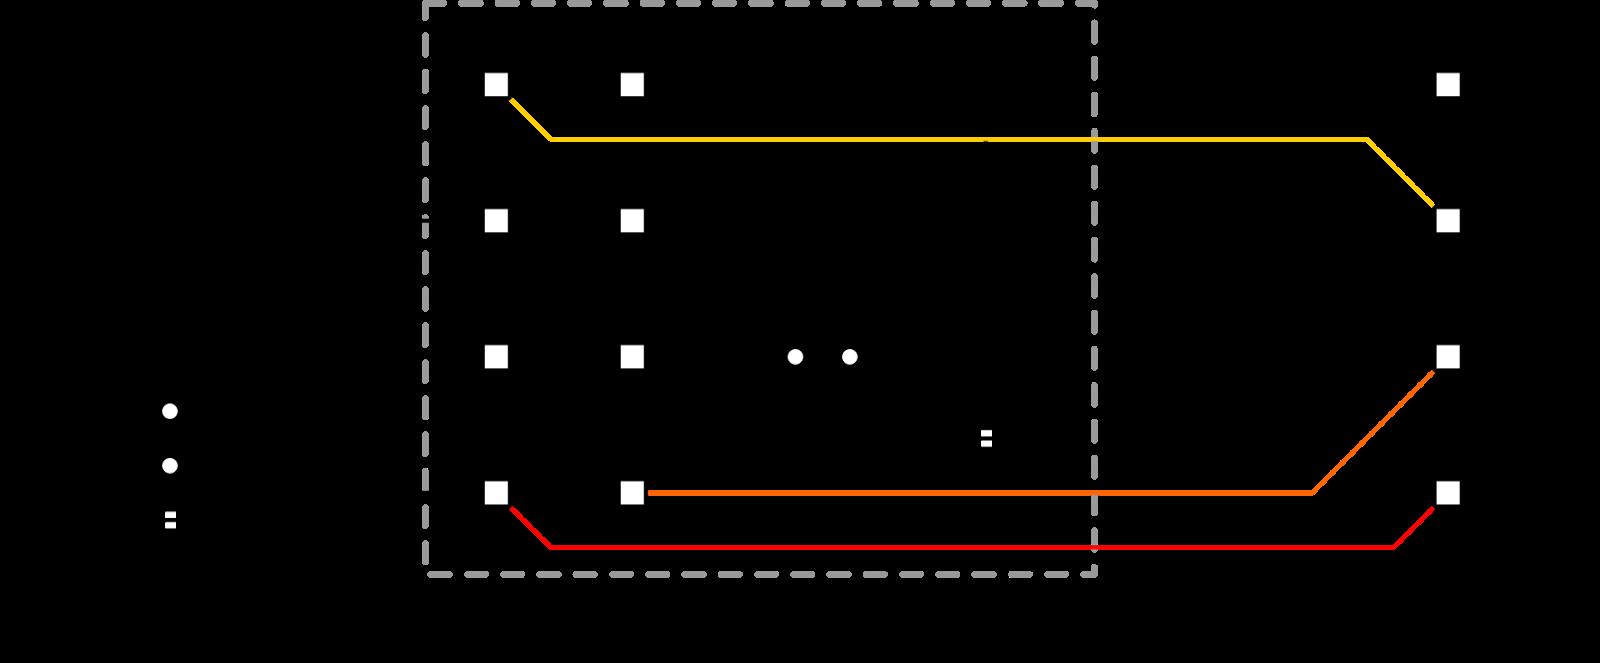 ESP8266 Tutorials (Arduino IDE): ESP8266 Firmware Update in ... on